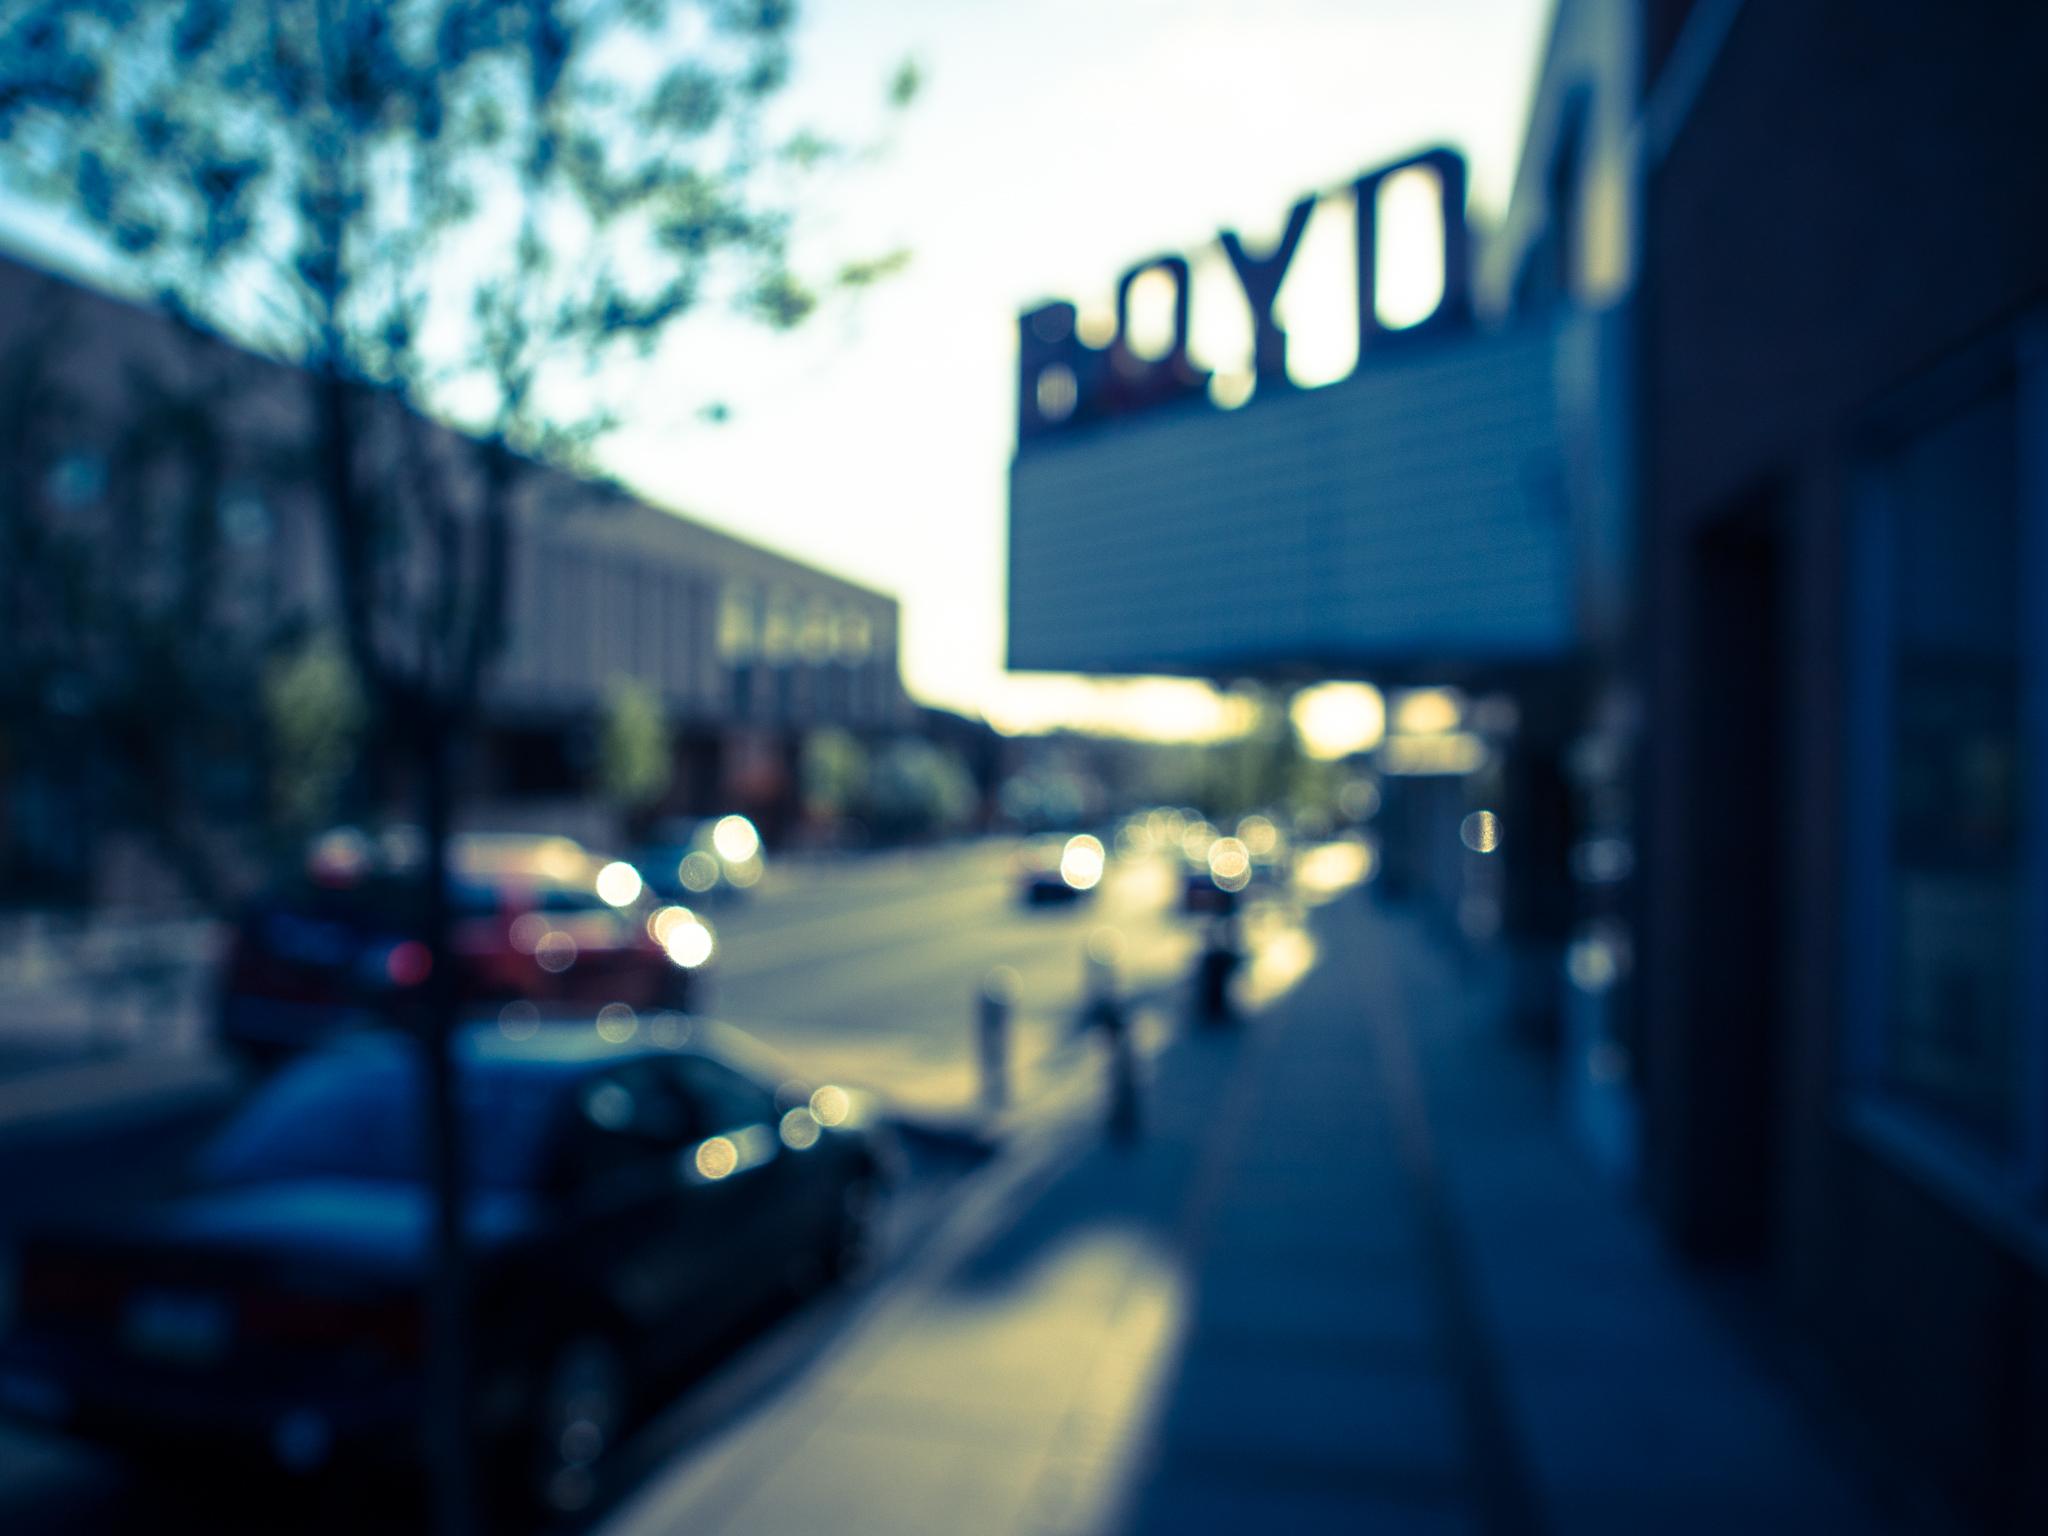 Boyd Theater, Bethlehem PA